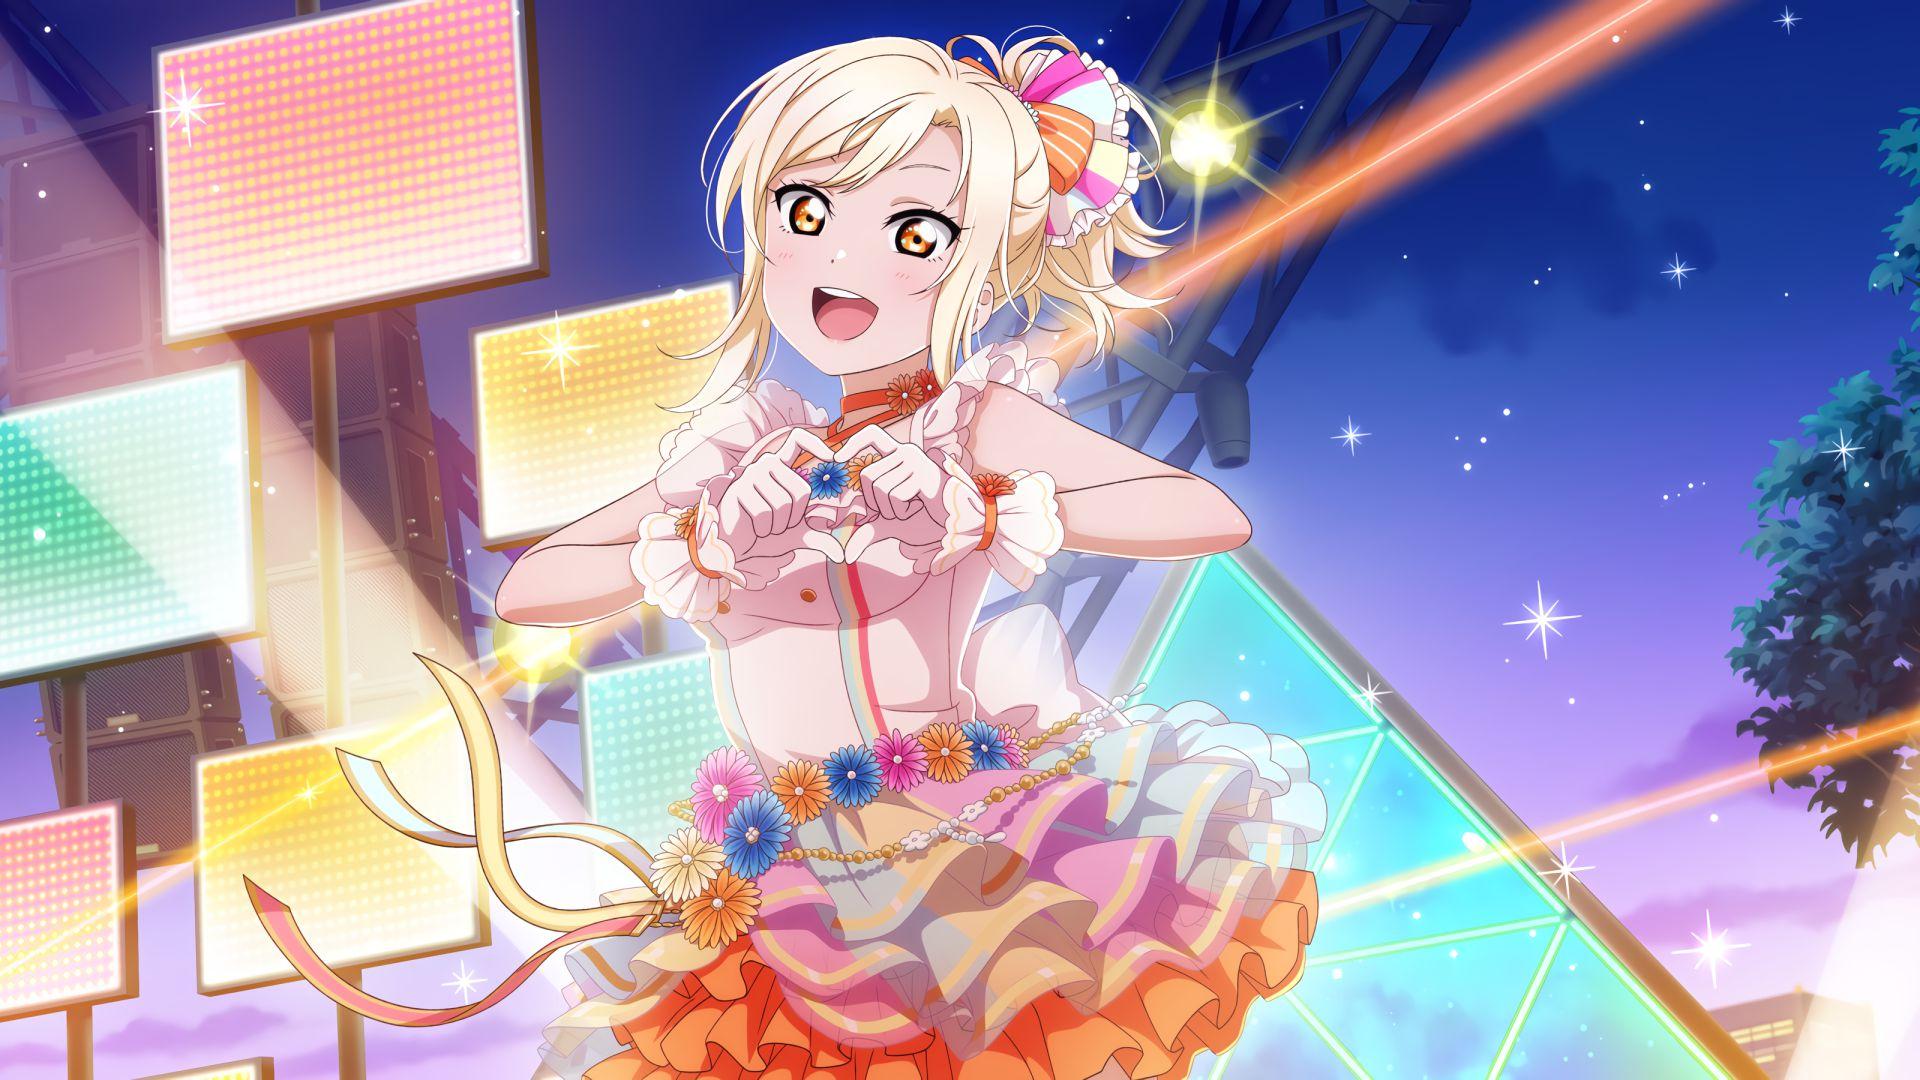 ラブライブ!虹ヶ咲学園スクールアイドル同好会壁紙